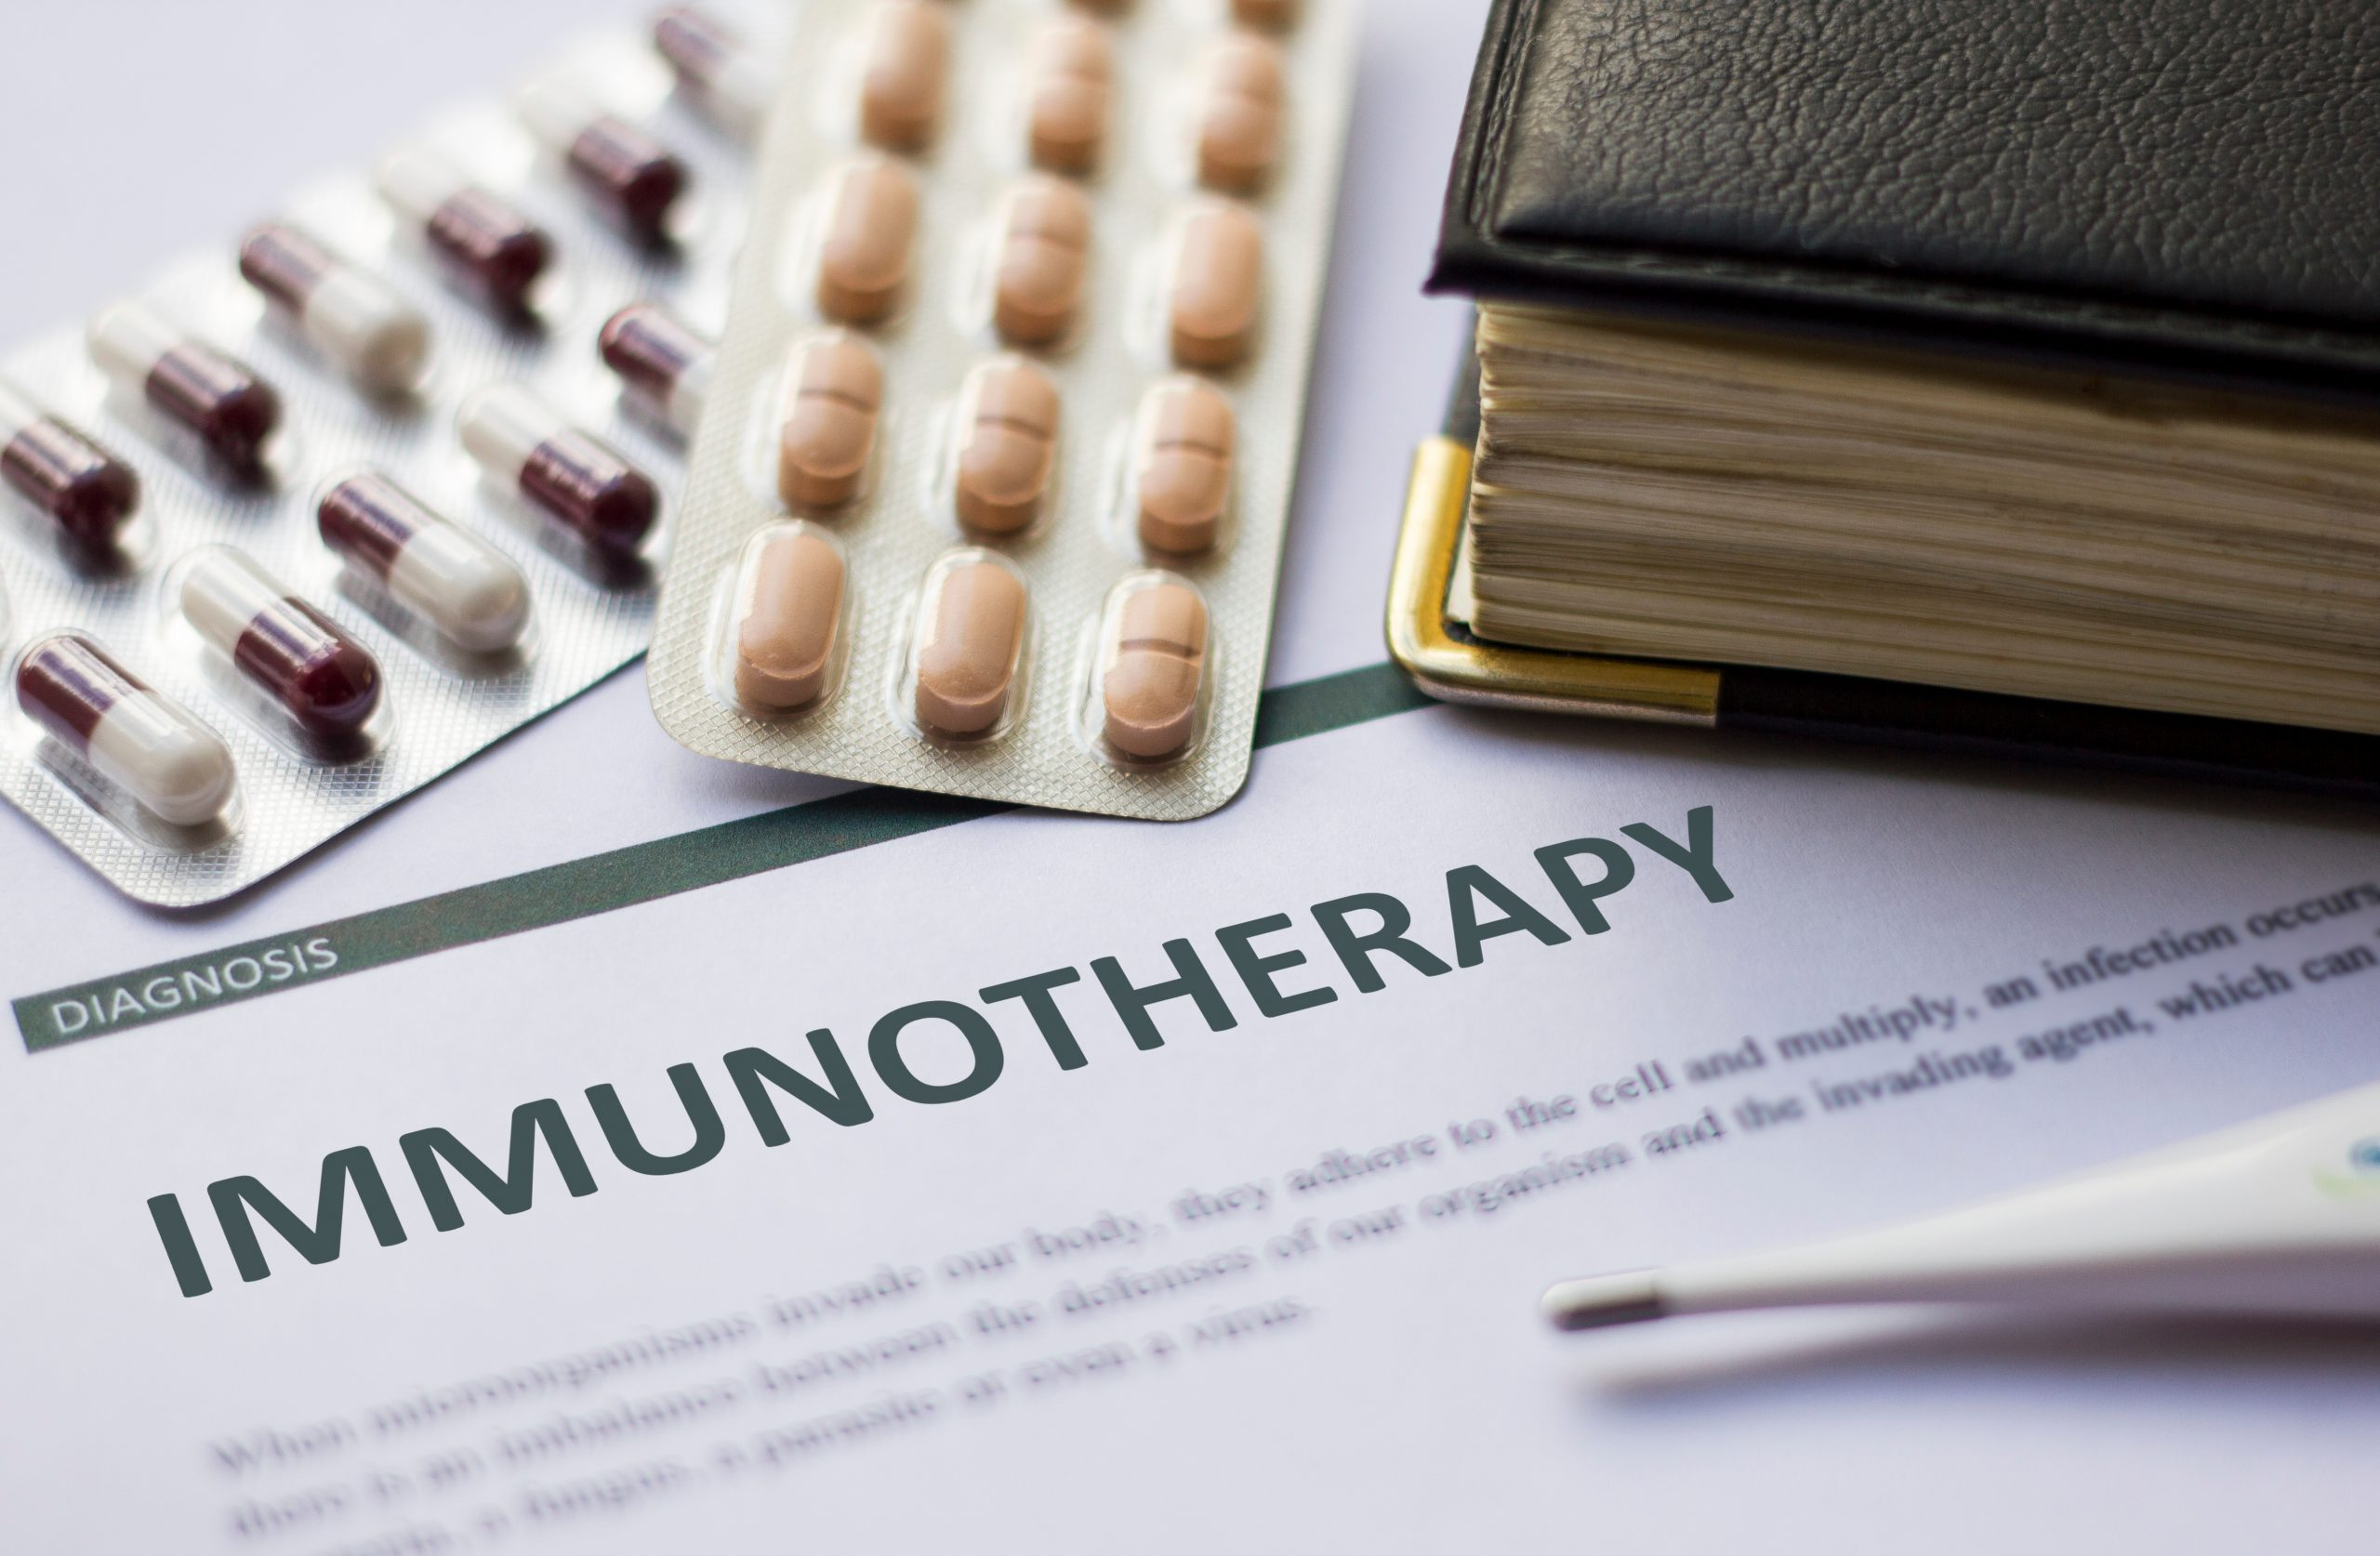 Ανοσοθεραπεία παιδικός καρκίνος: Mία νέα θεραπεία δίνει ελπίδες